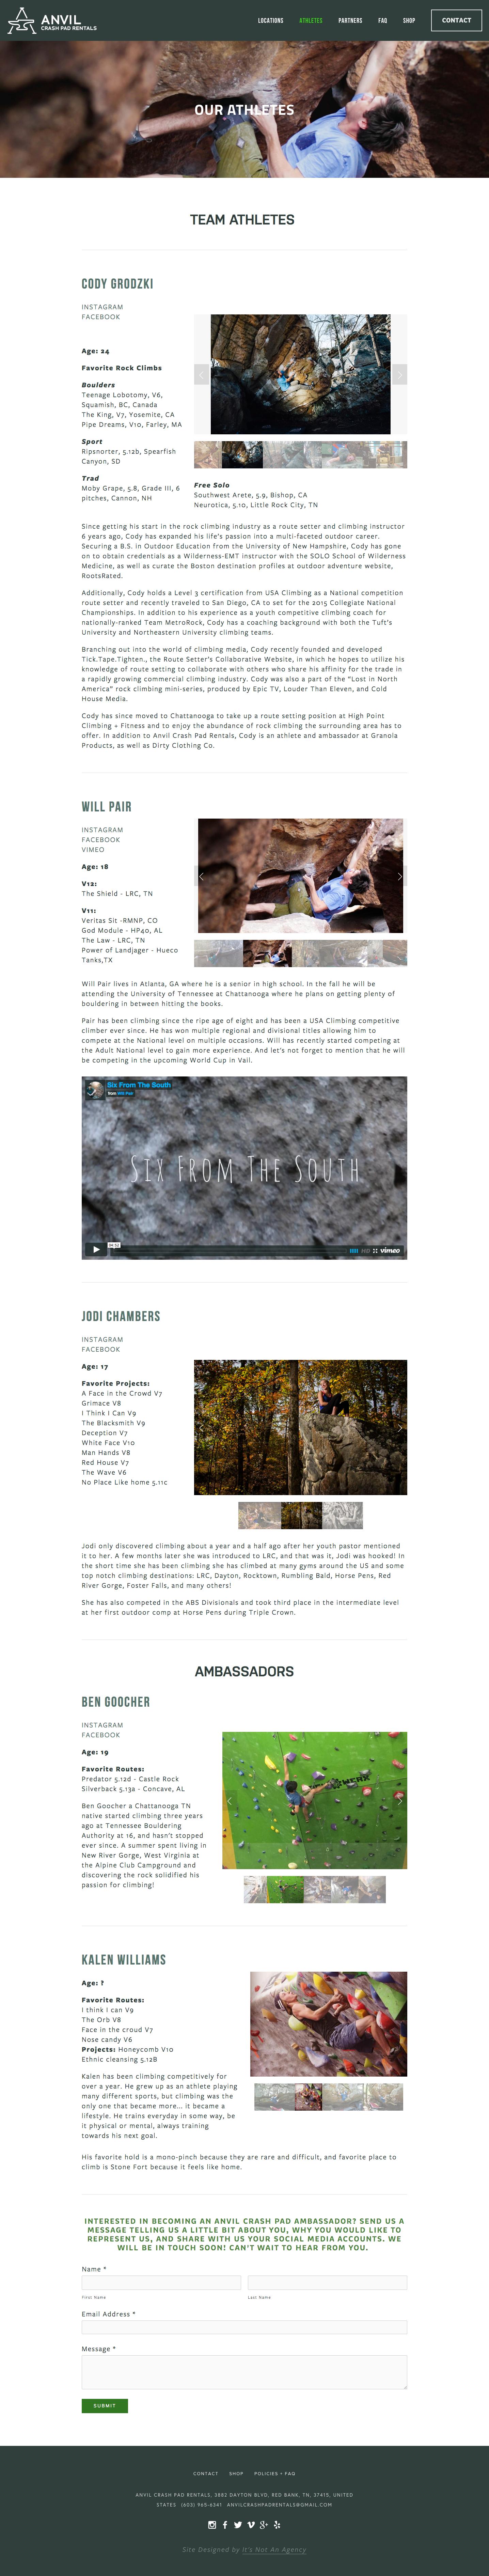 Ecommerce Website Design_Anvil Crash Pad Rentals2.png